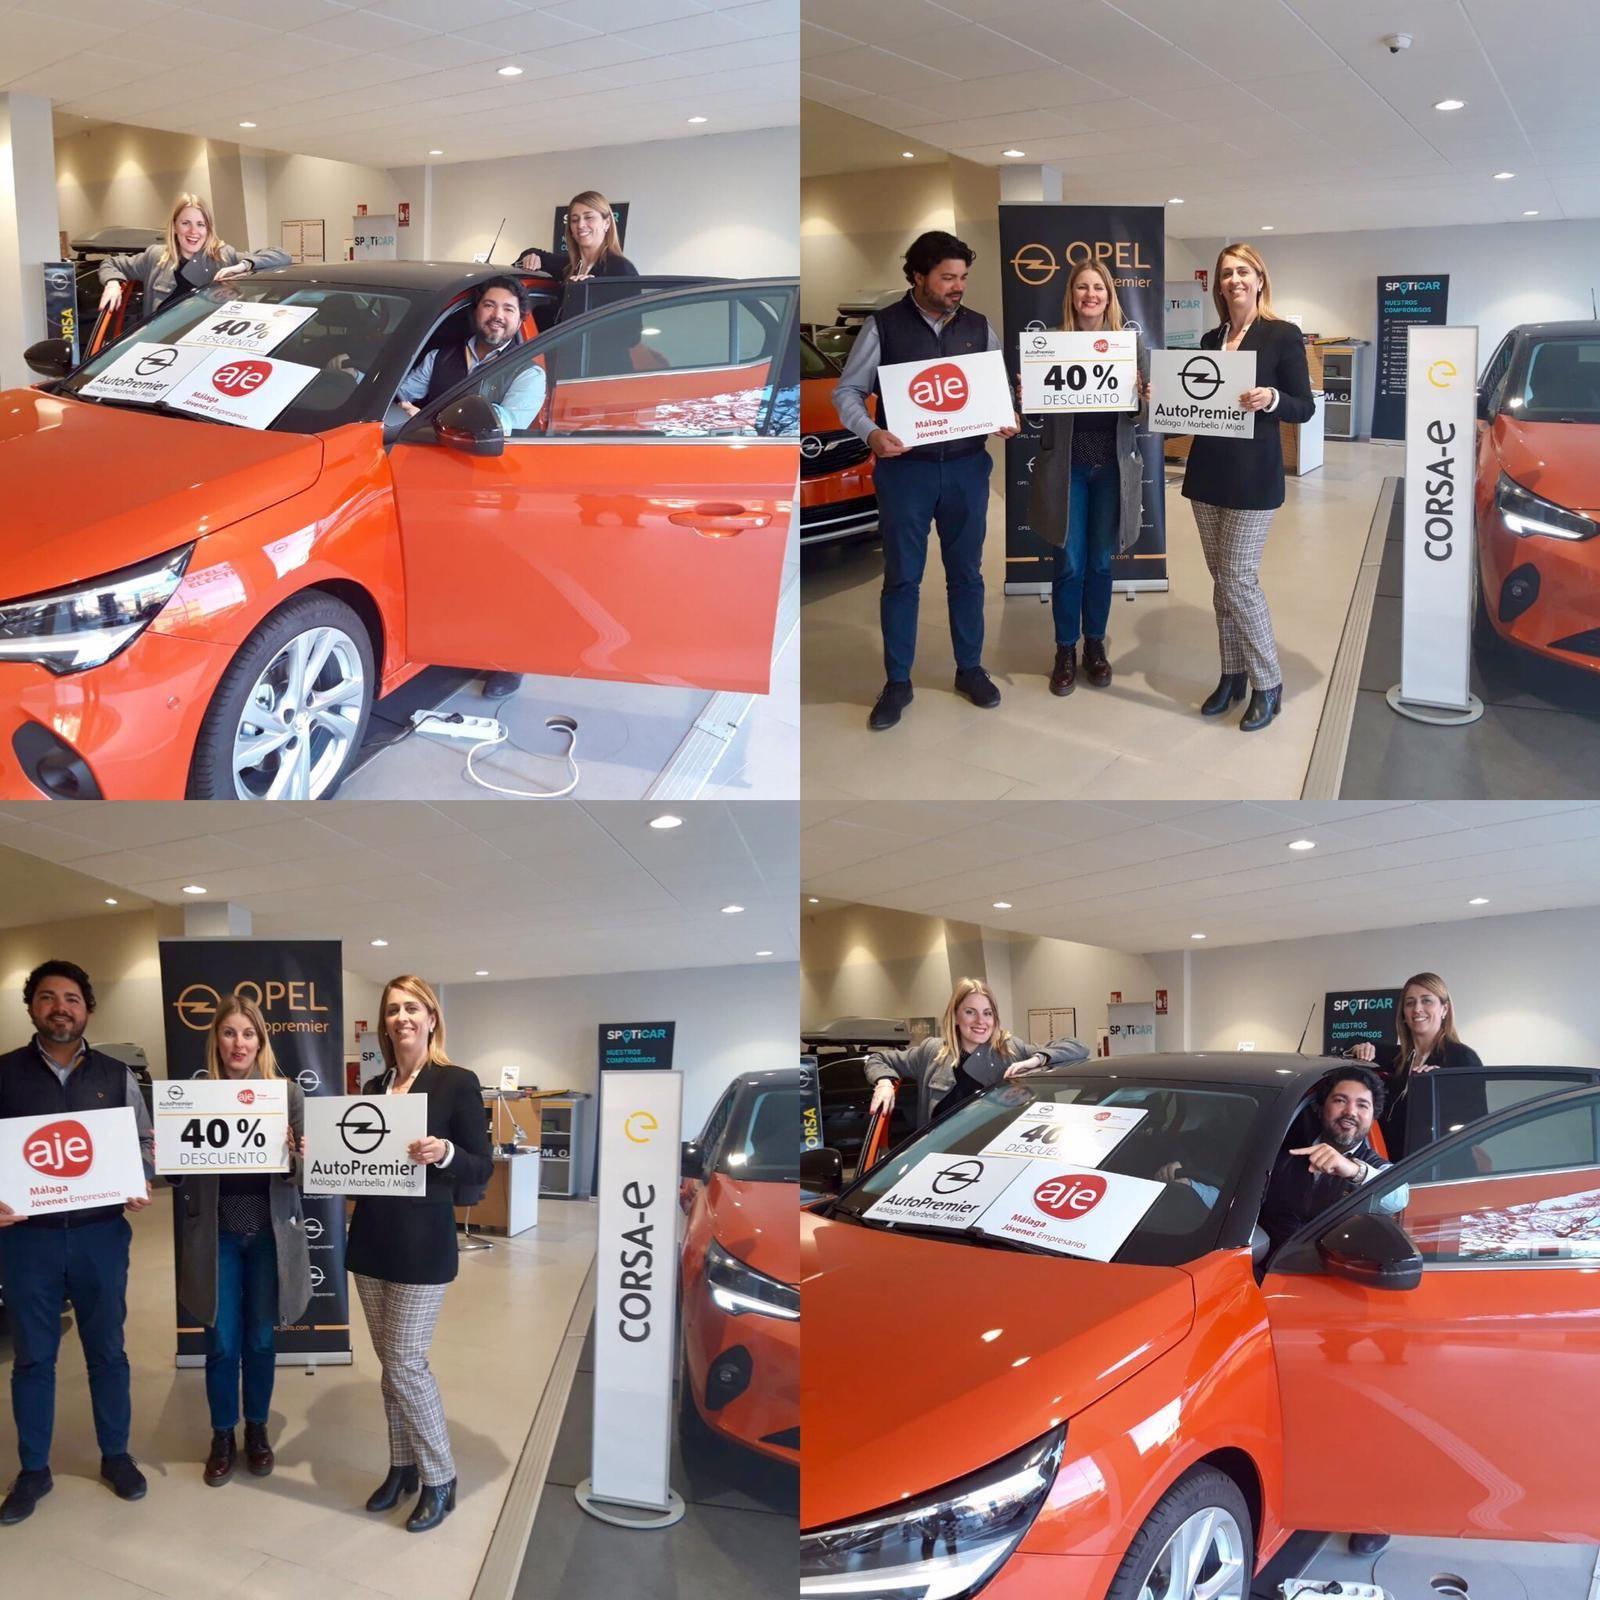 Acuerdo de colaboración Opel Autopremier y AJE